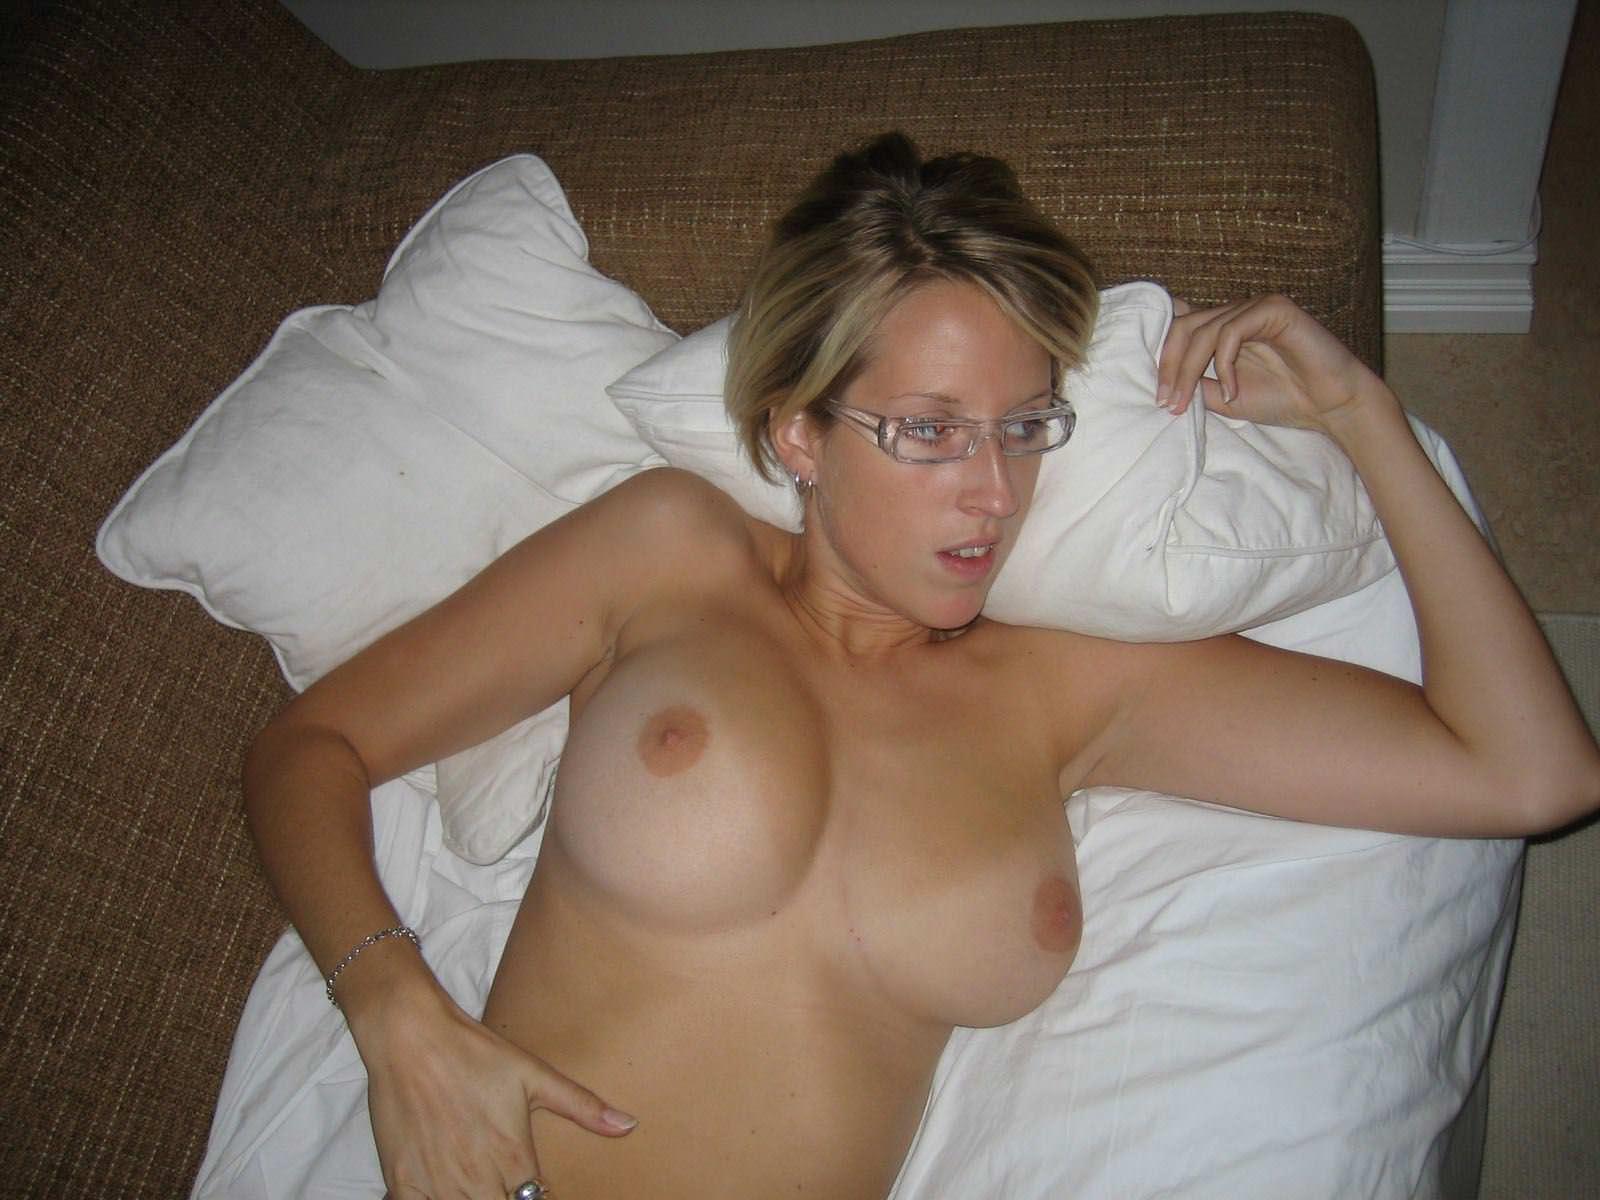 【外人】スウェーデンの金髪素人美女が彼氏とエッチして妊娠した姿を晒すポルノ画像 13108